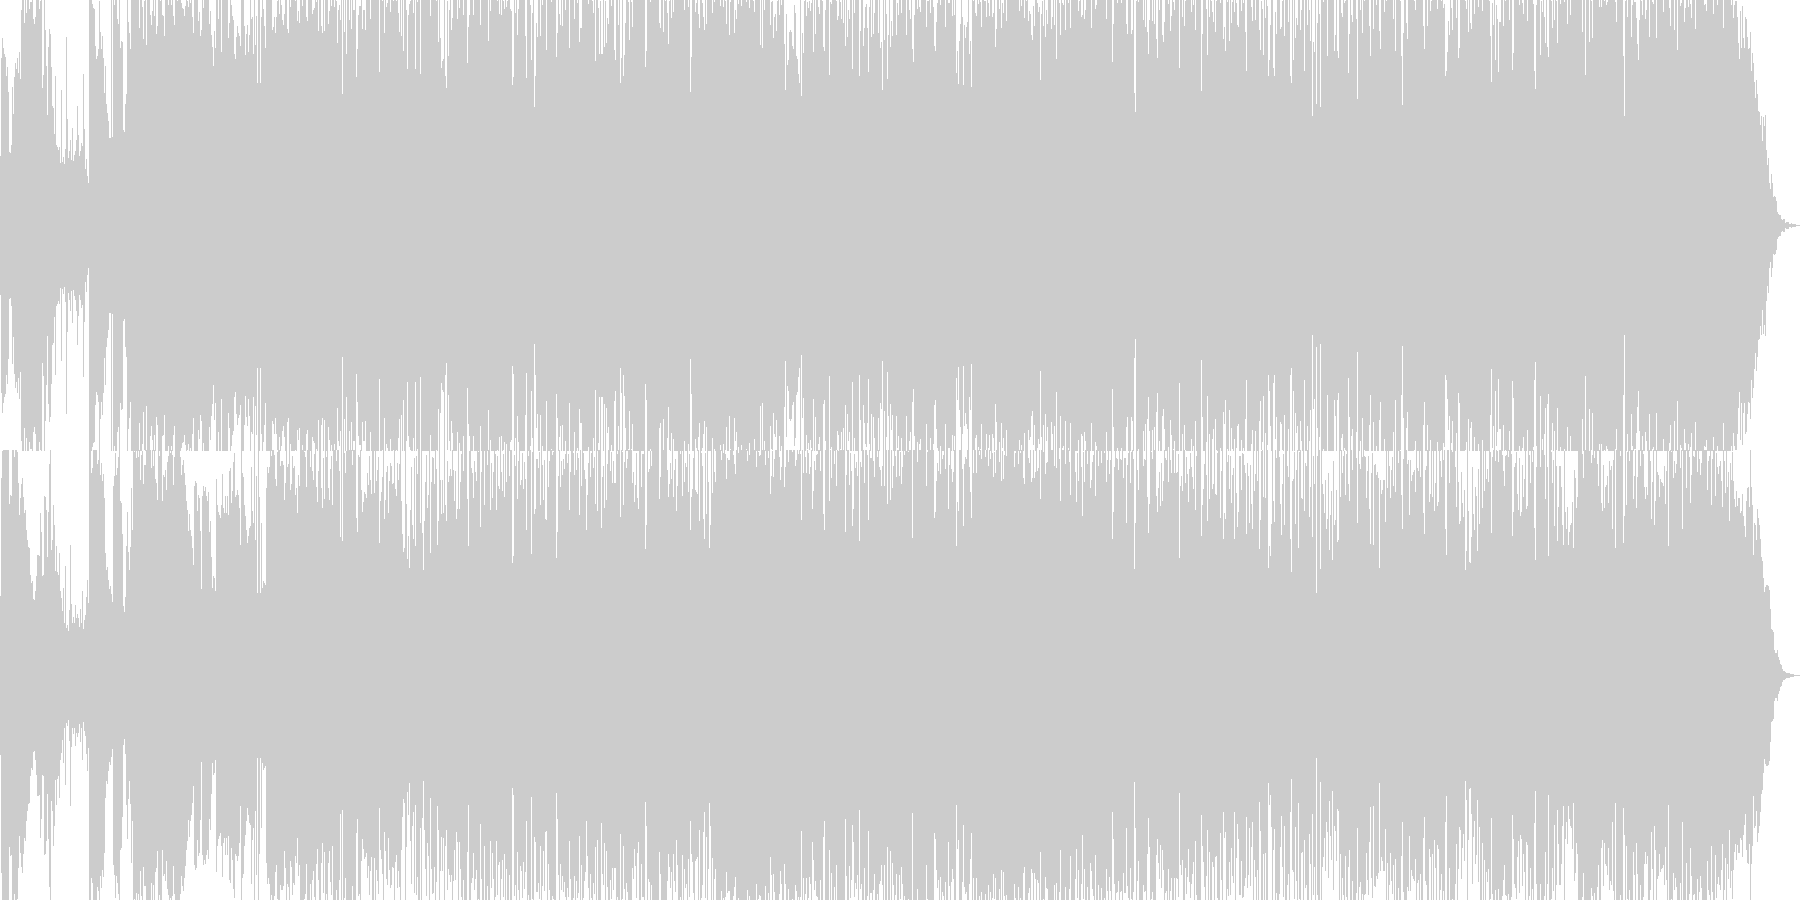 動画 サスペンス 魔法 技術的な ...の未再生の波形